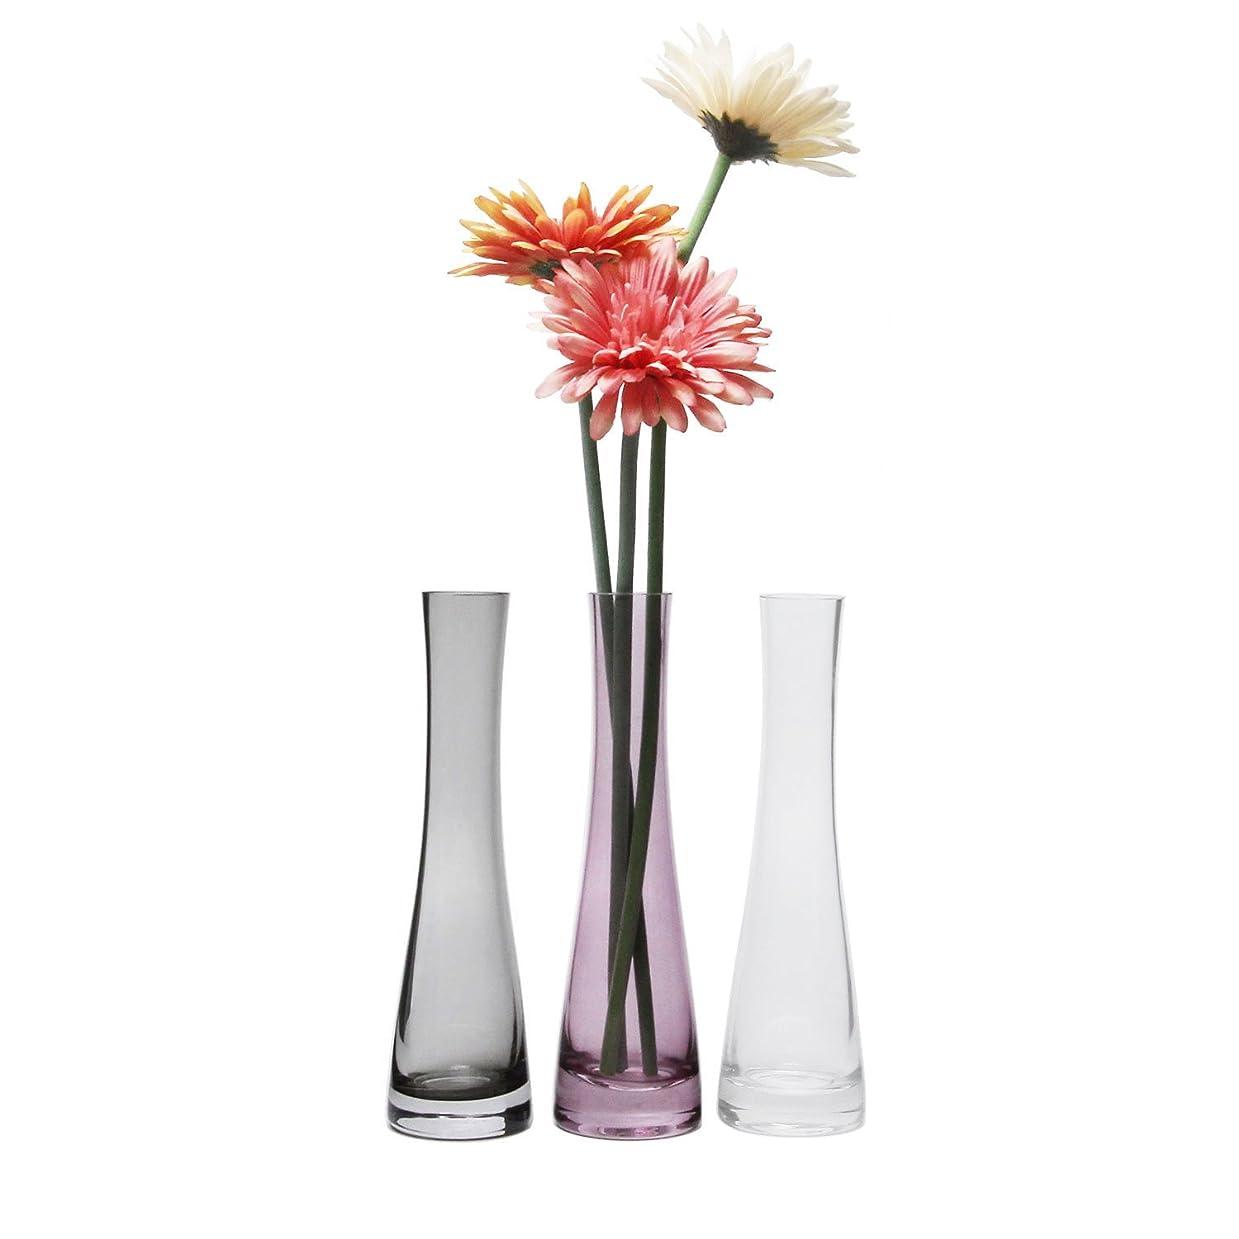 メナジェリー所持観客T4U 21.5cm 花瓶 ミニ花器 ガラス製 透明グレー 3色セット